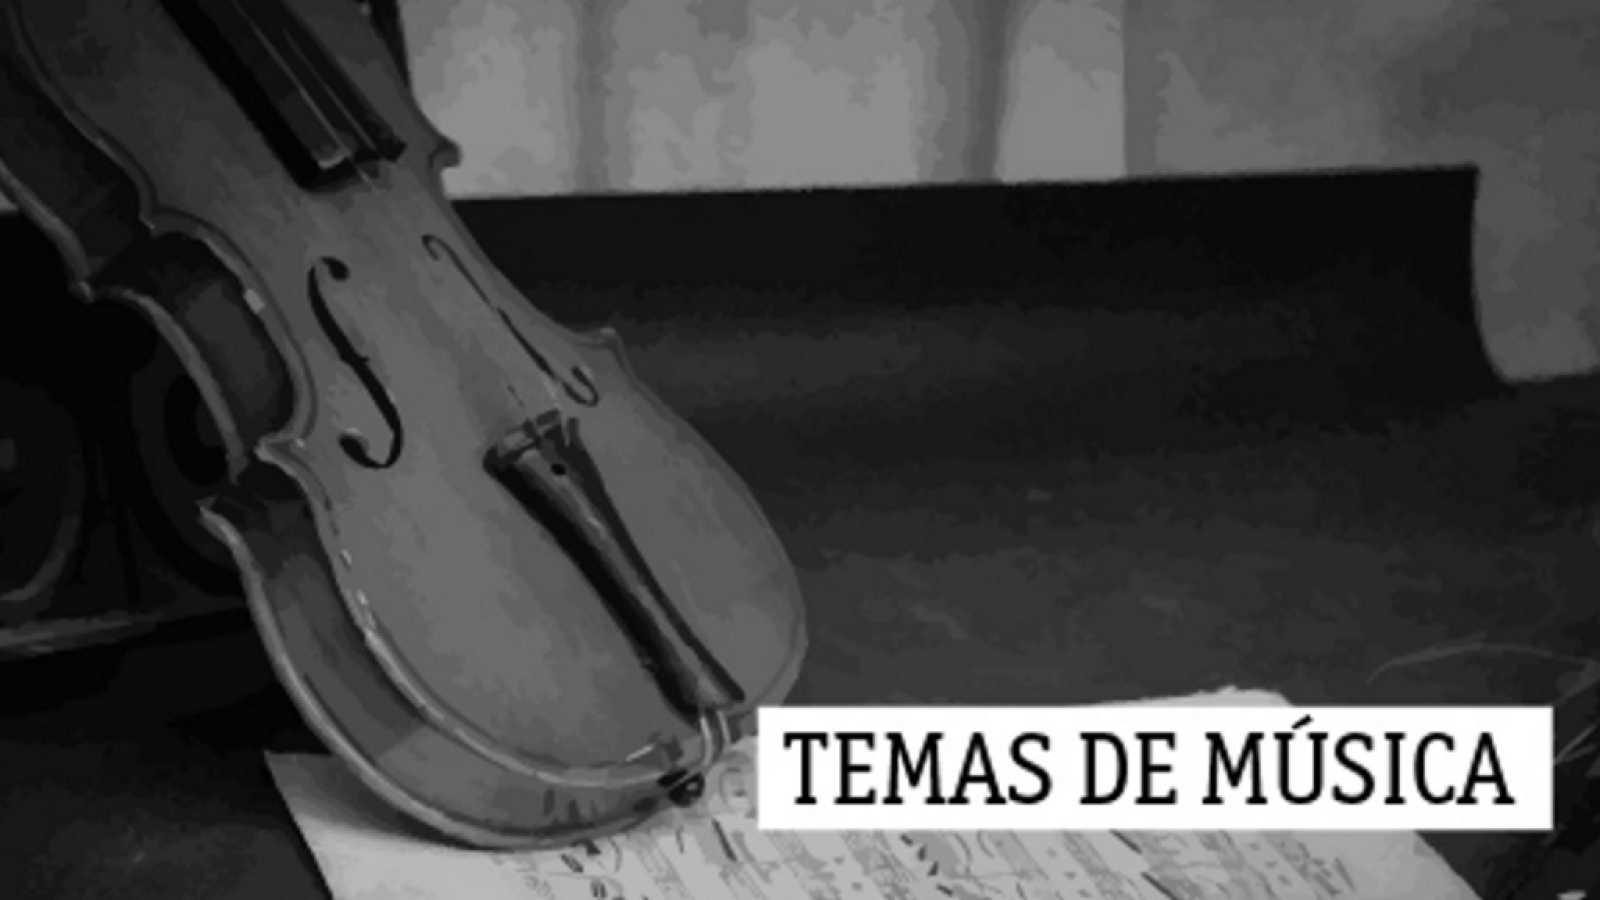 Temas de música - Orquesta Nacional: 80 años (VIII) - 28/02/21 - escuchar ahora